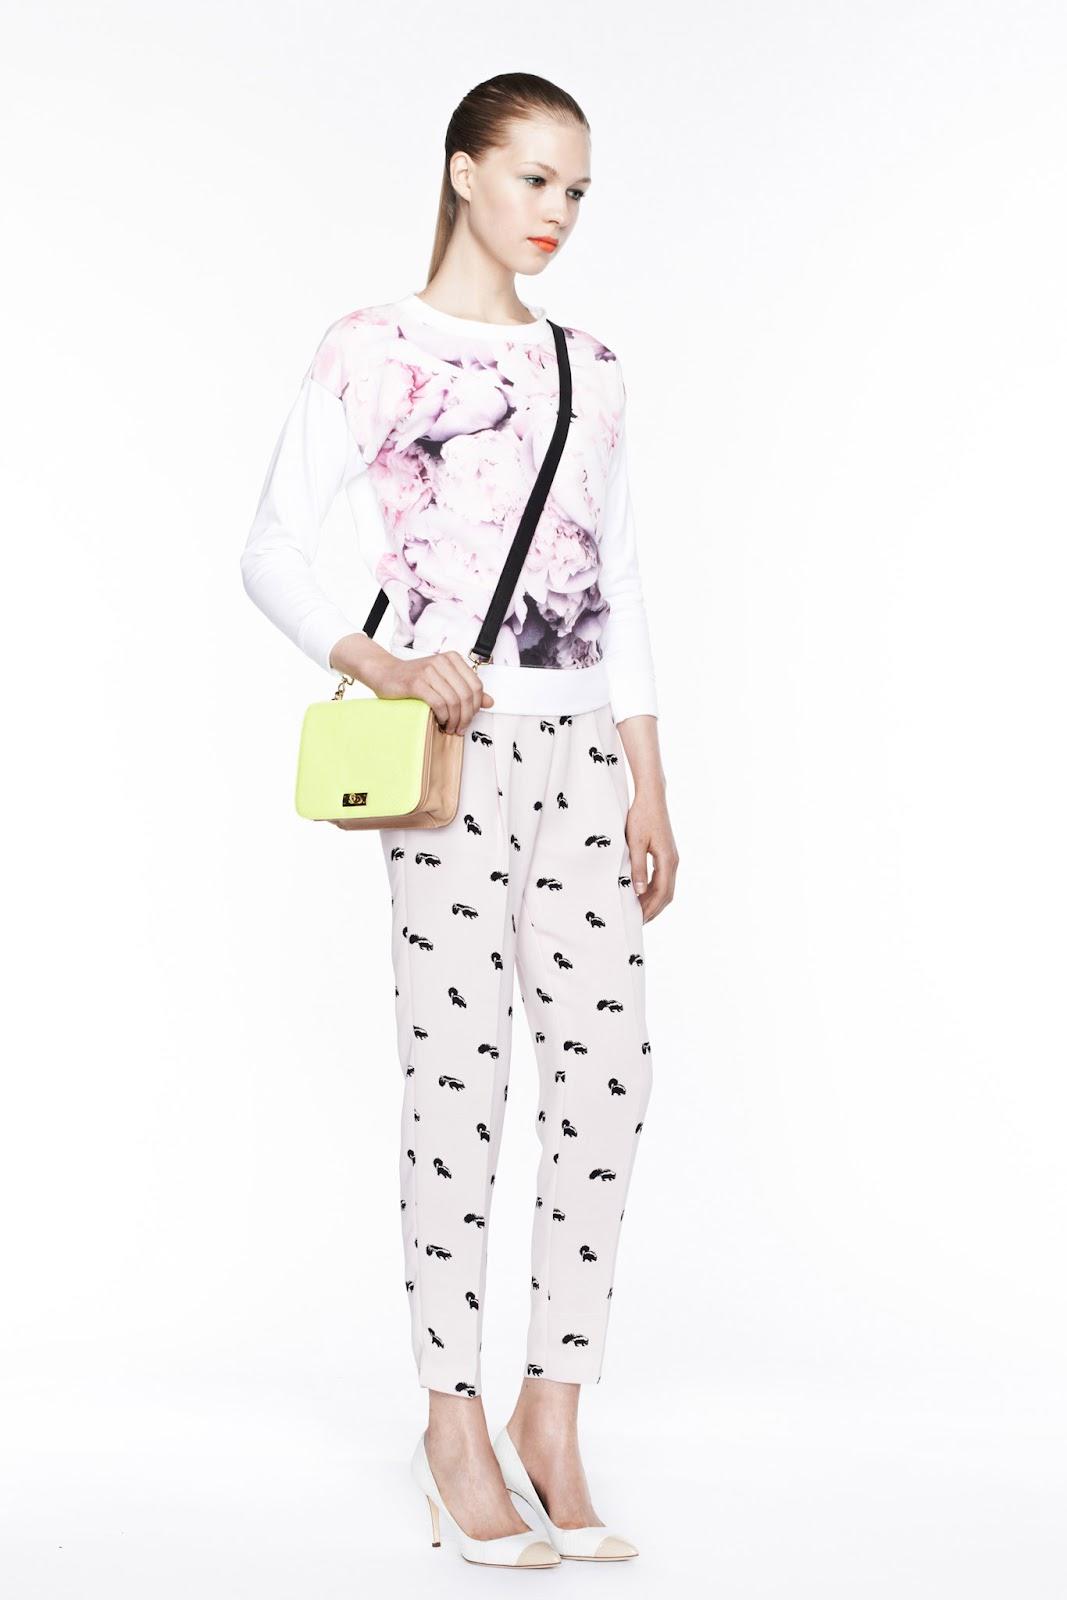 http://1.bp.blogspot.com/-raToqiiNweo/UFSo5-m4cSI/AAAAAAAApIg/yAkUijPnKHI/s1600/New-York-Fashion-Week-+J-Crew-Spring-2013-Collection-08.JPG